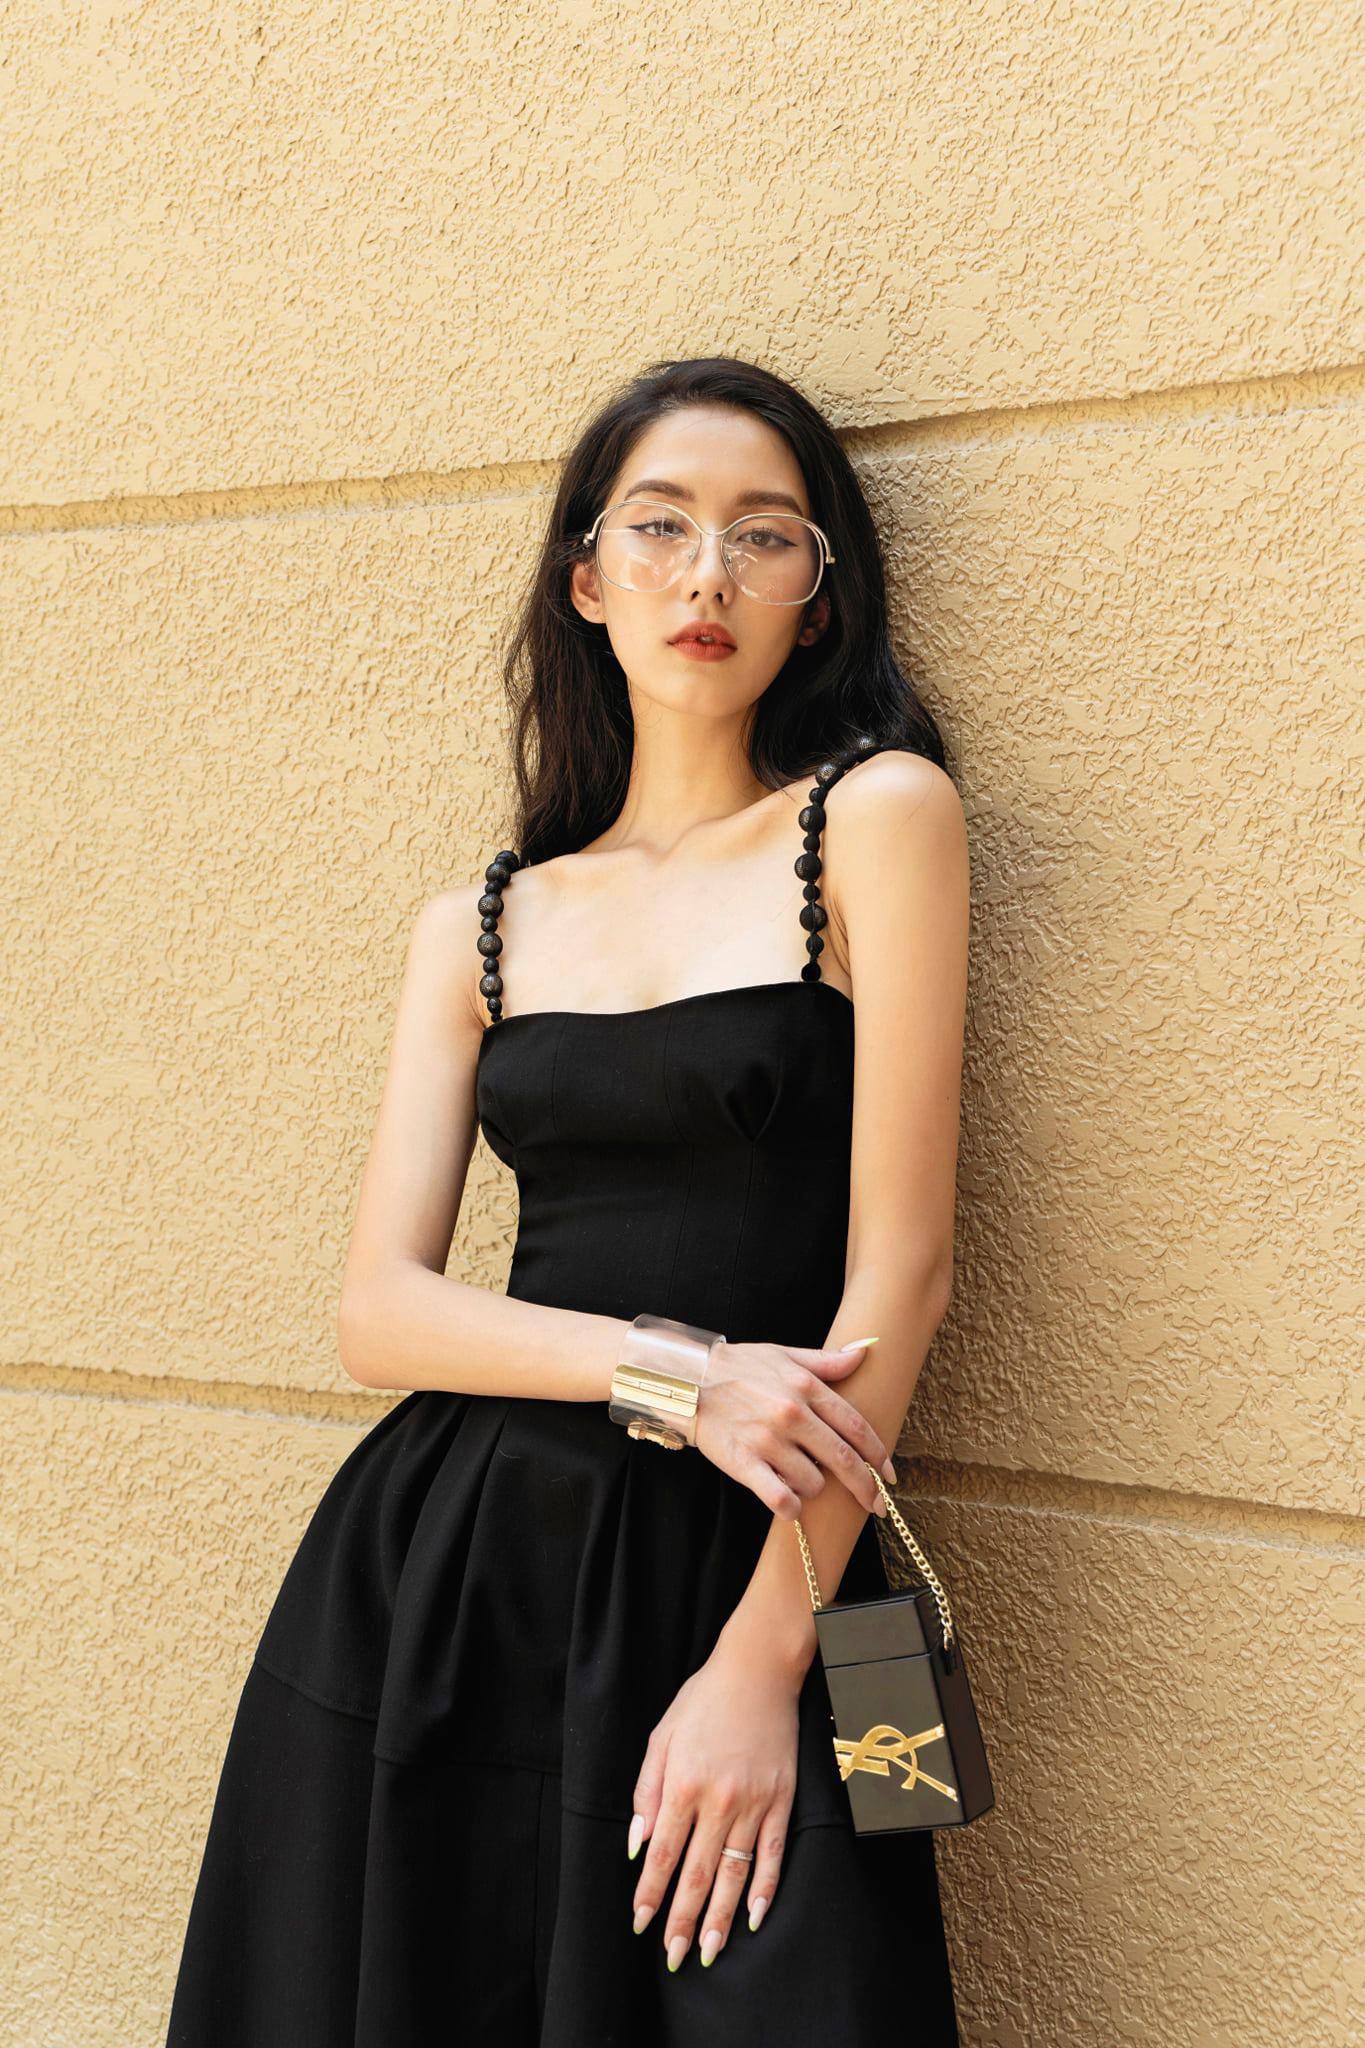 Đầm xoè dài cúp ngực 2 dây ngọc trai